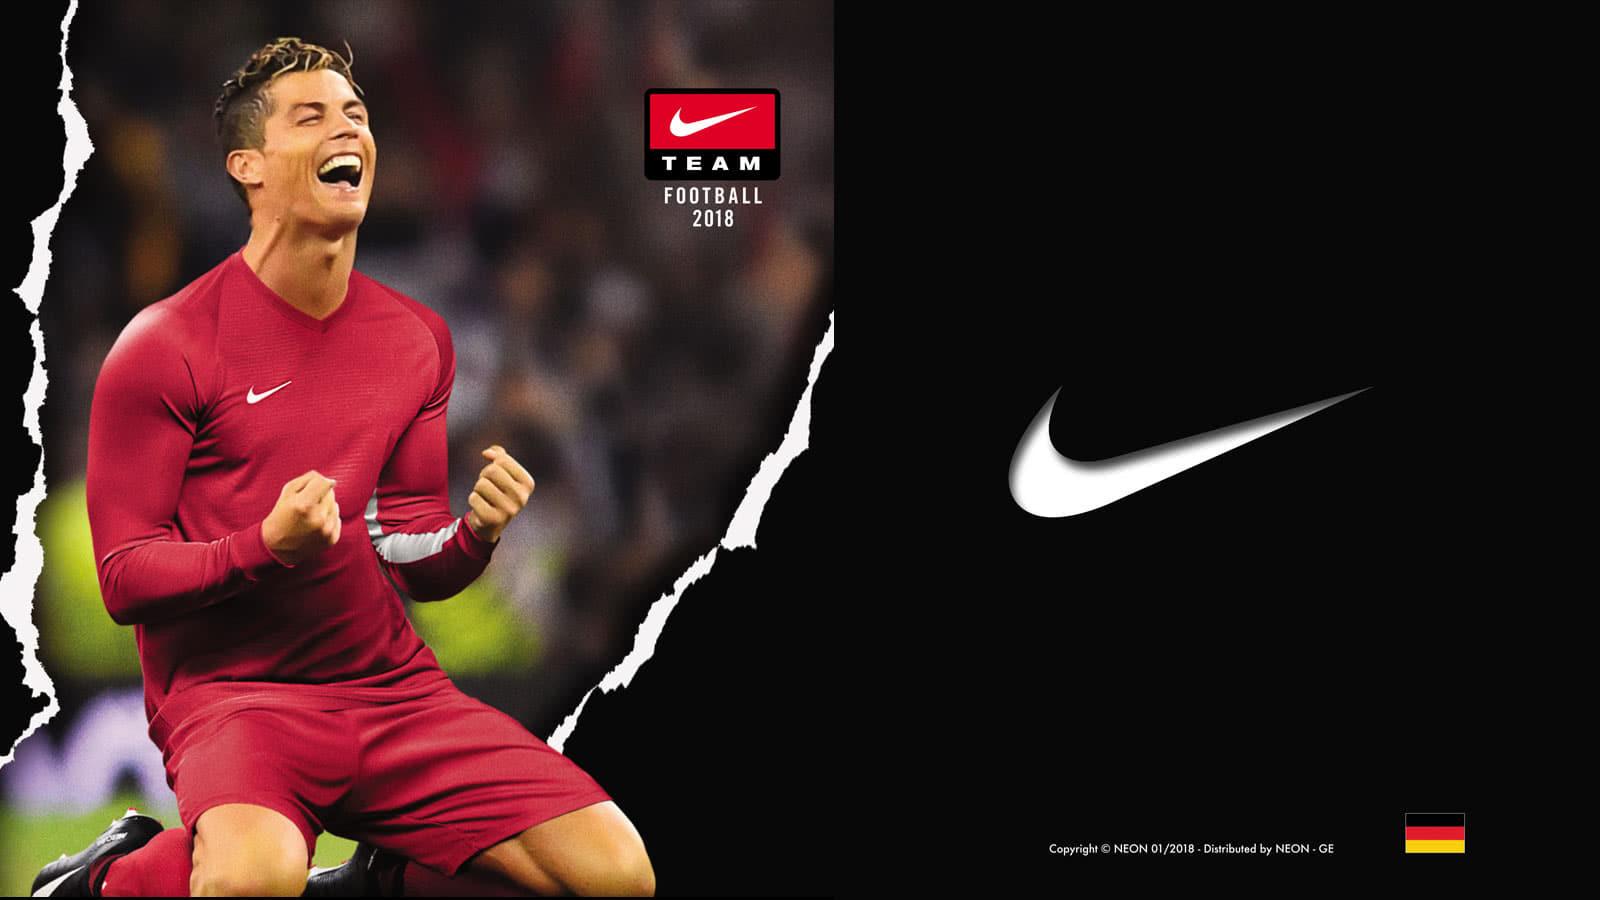 Nike Laufzeiten für Trikots und Trainingsanzüge bis 2020